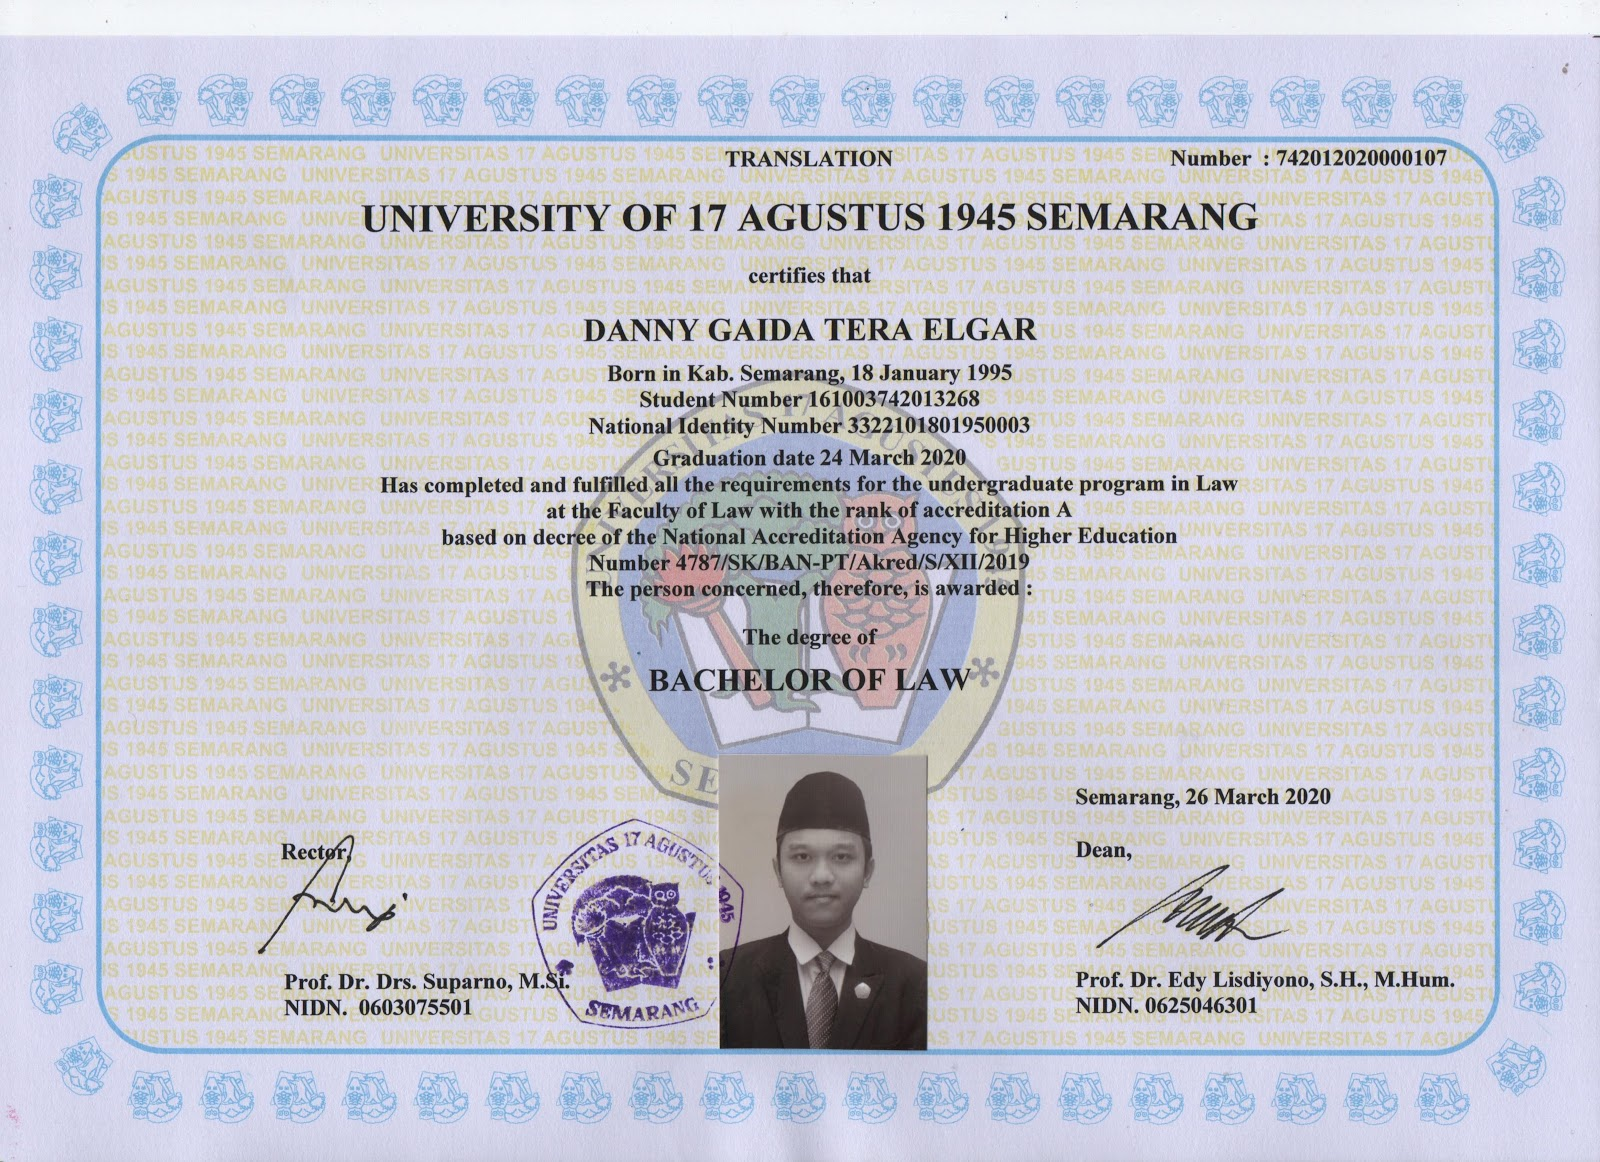 Fakultas Hukum Universitas 17 Agustus 1945 (UNTAG) Semarang